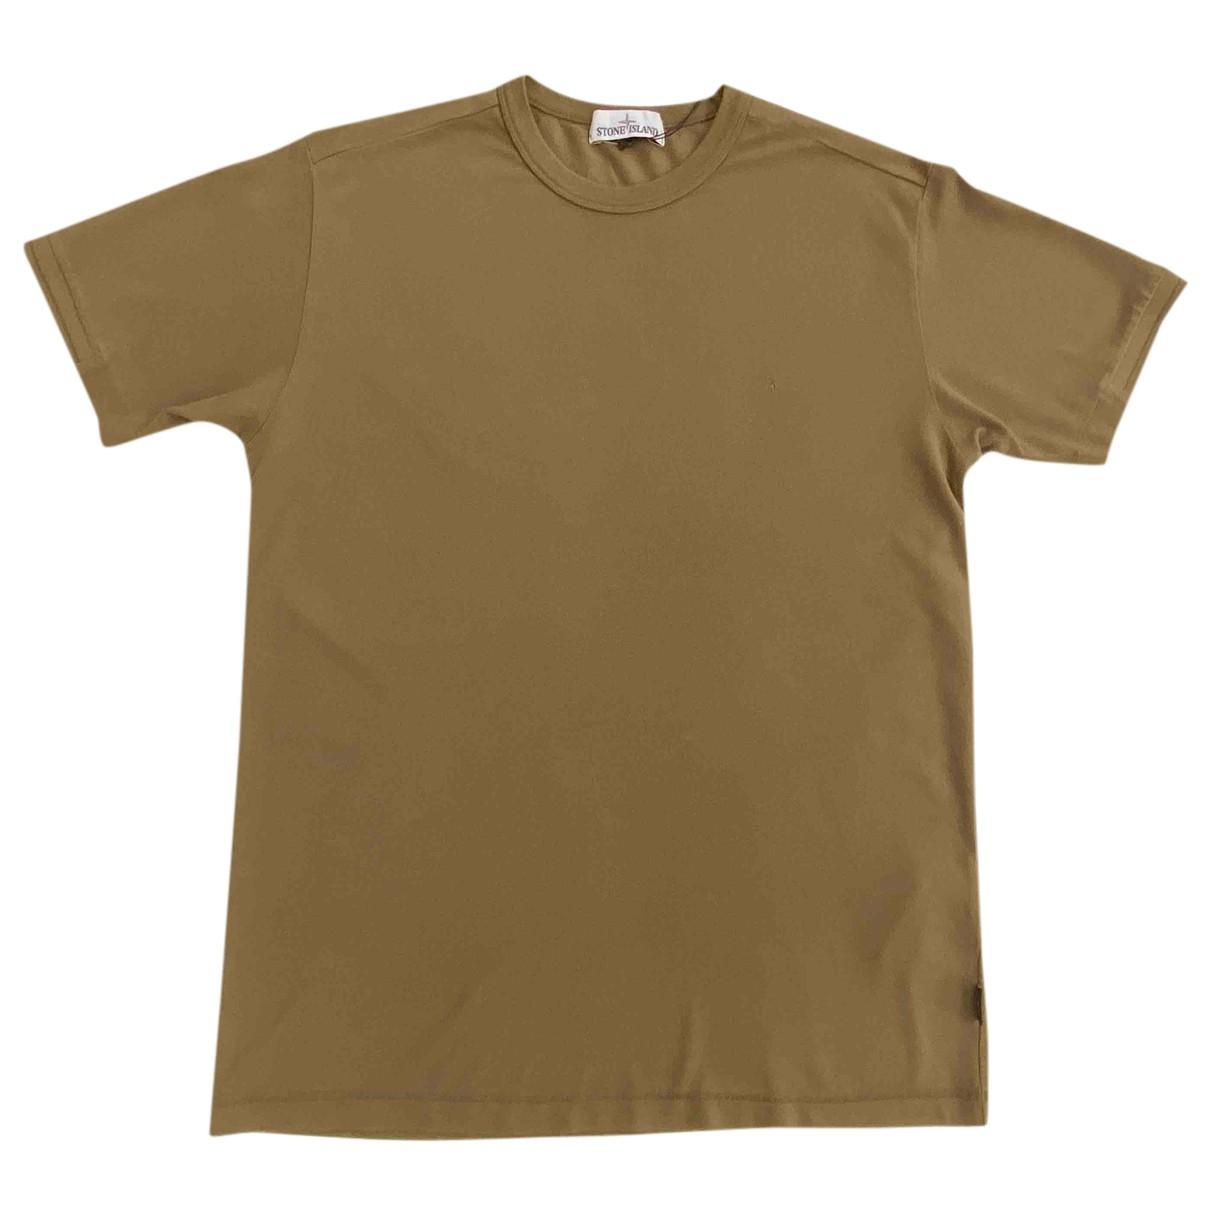 Camiseta Stone Island